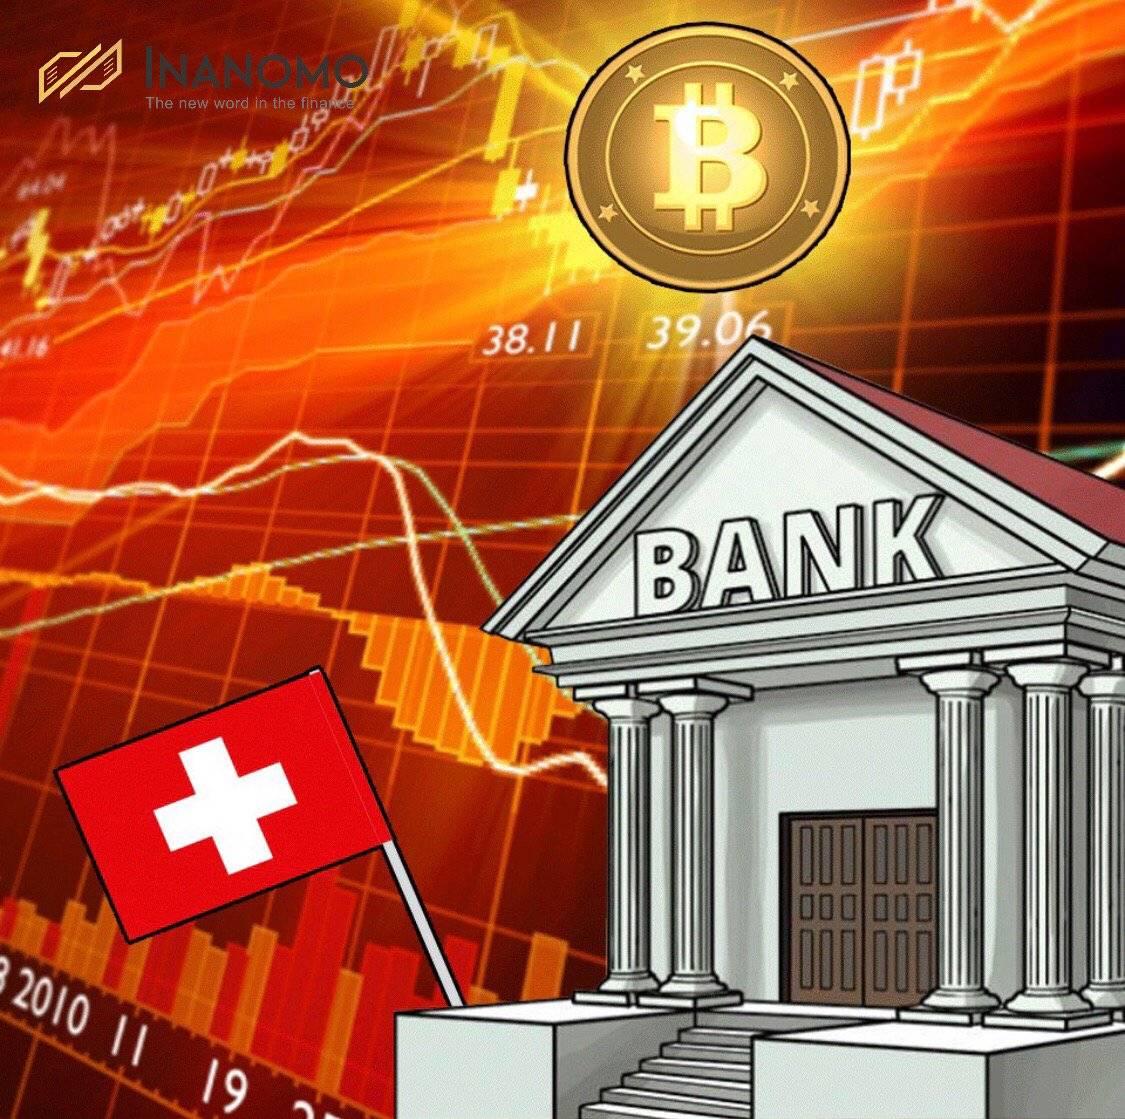 Список банков израиля — википедия. что такое список банков израиля